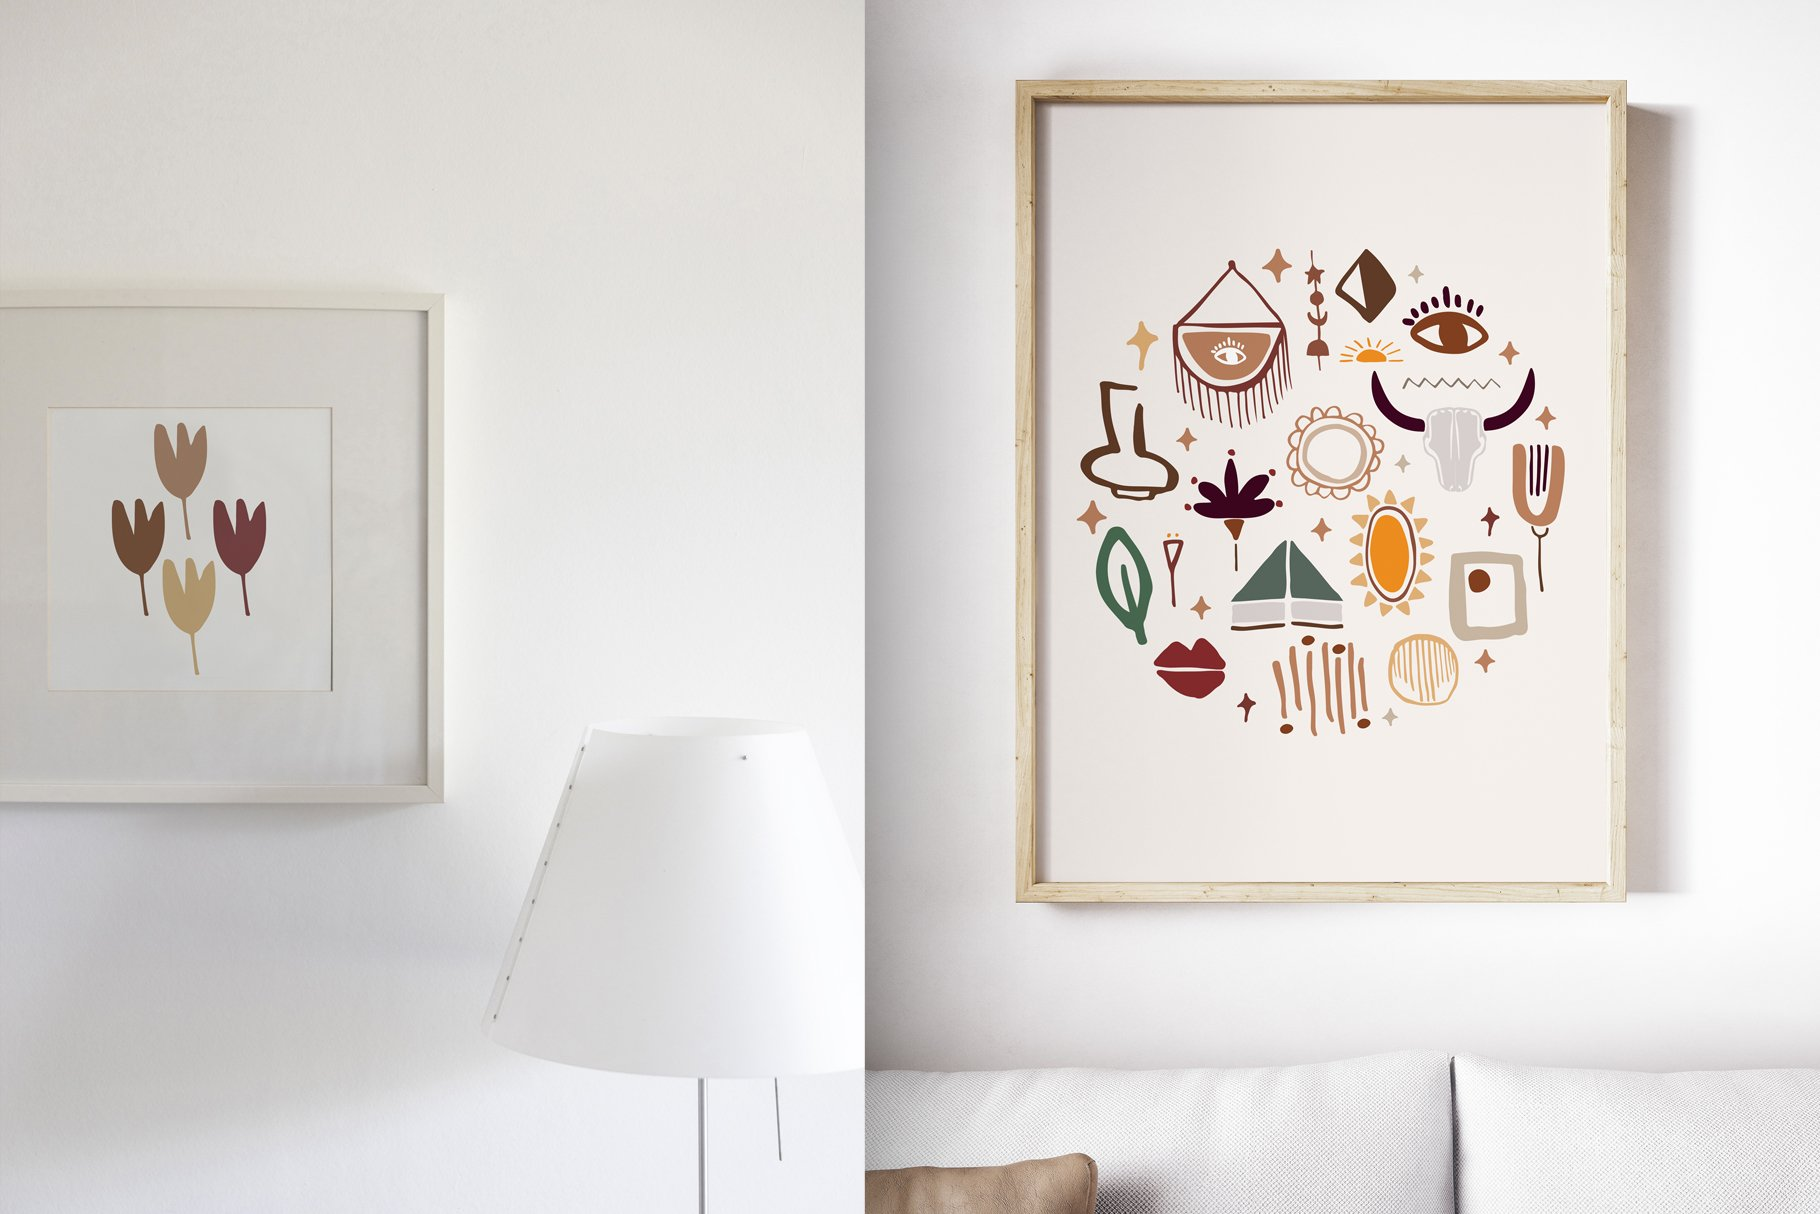 400多个波西米亚元素装饰图案背景AI图片素材 Boho Philosophy Collection插图(4)